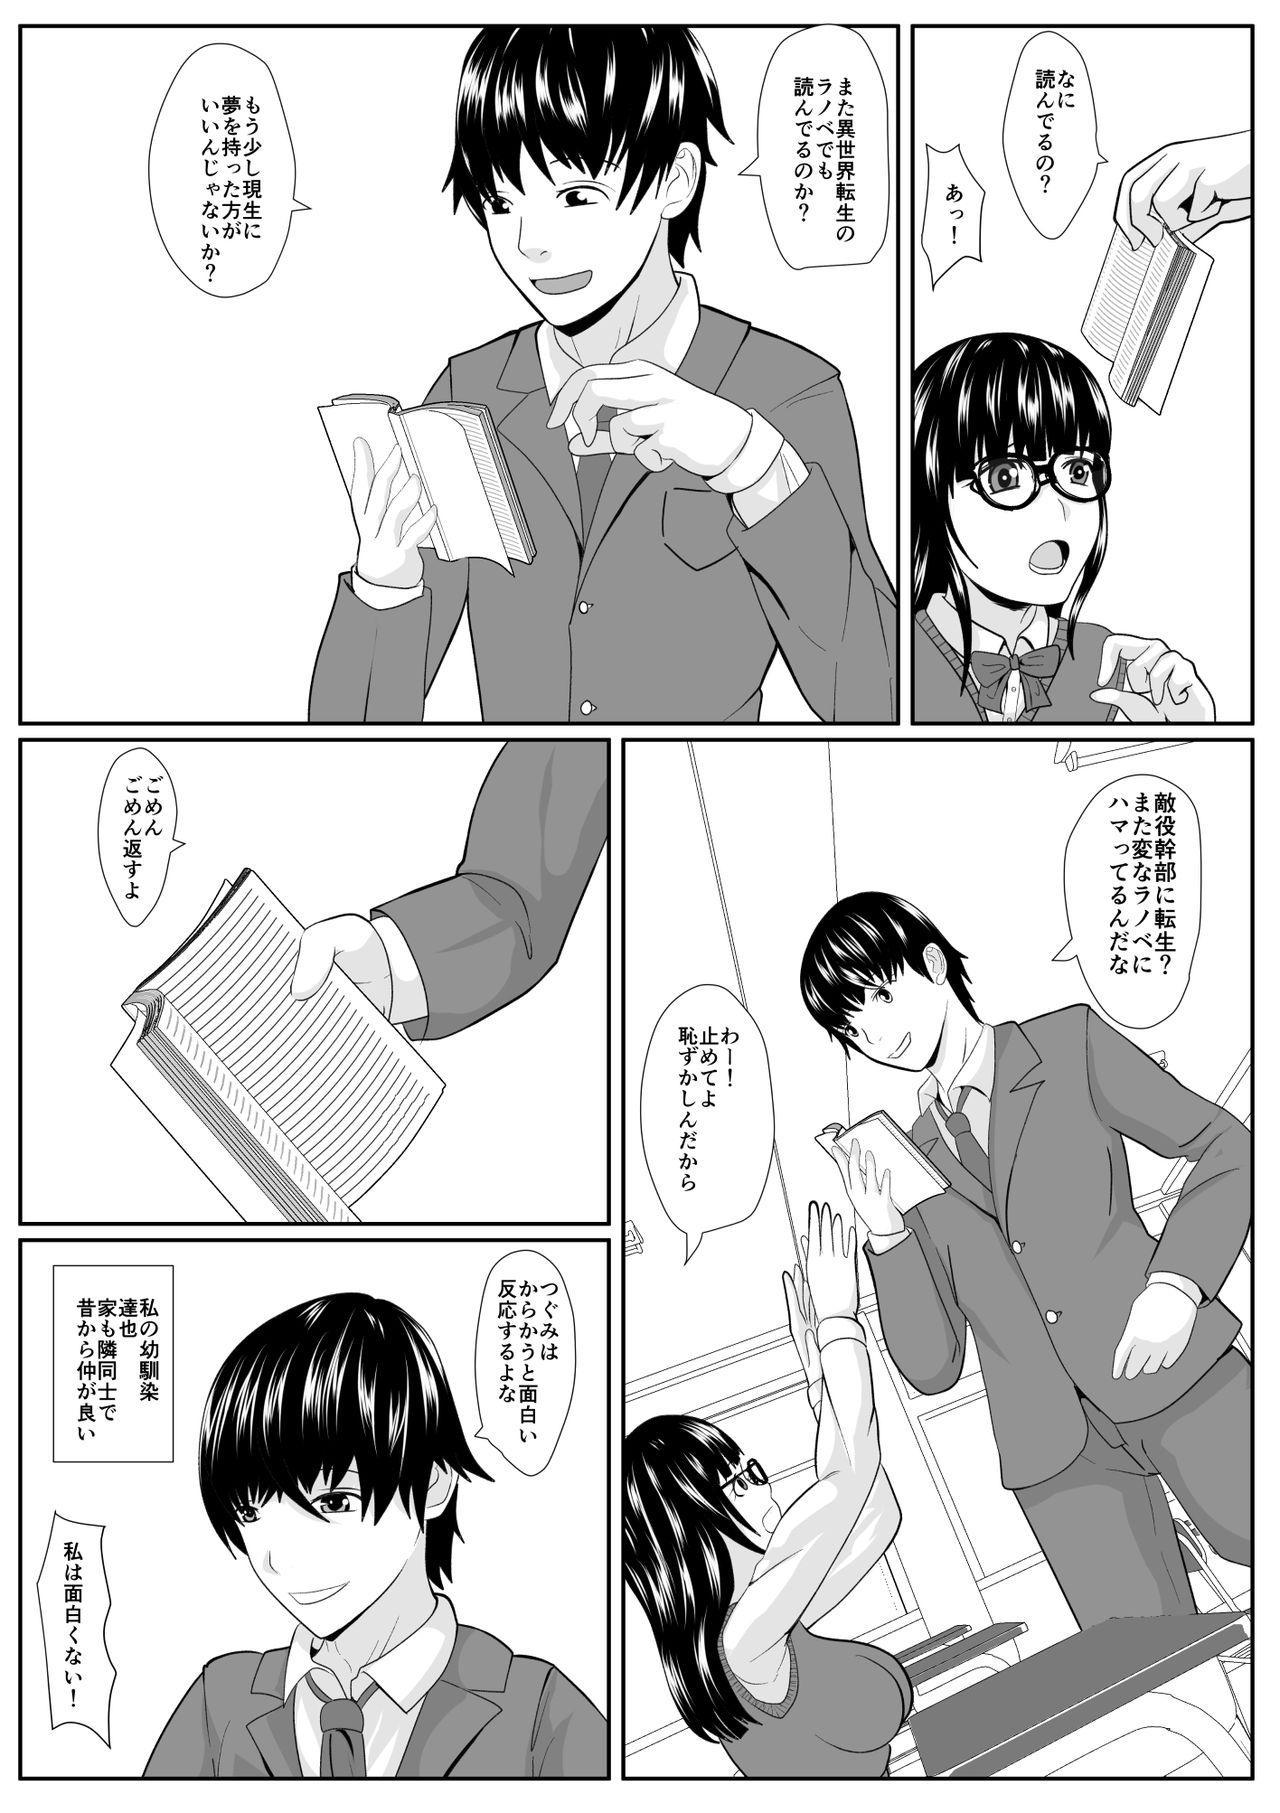 Sakasama 3